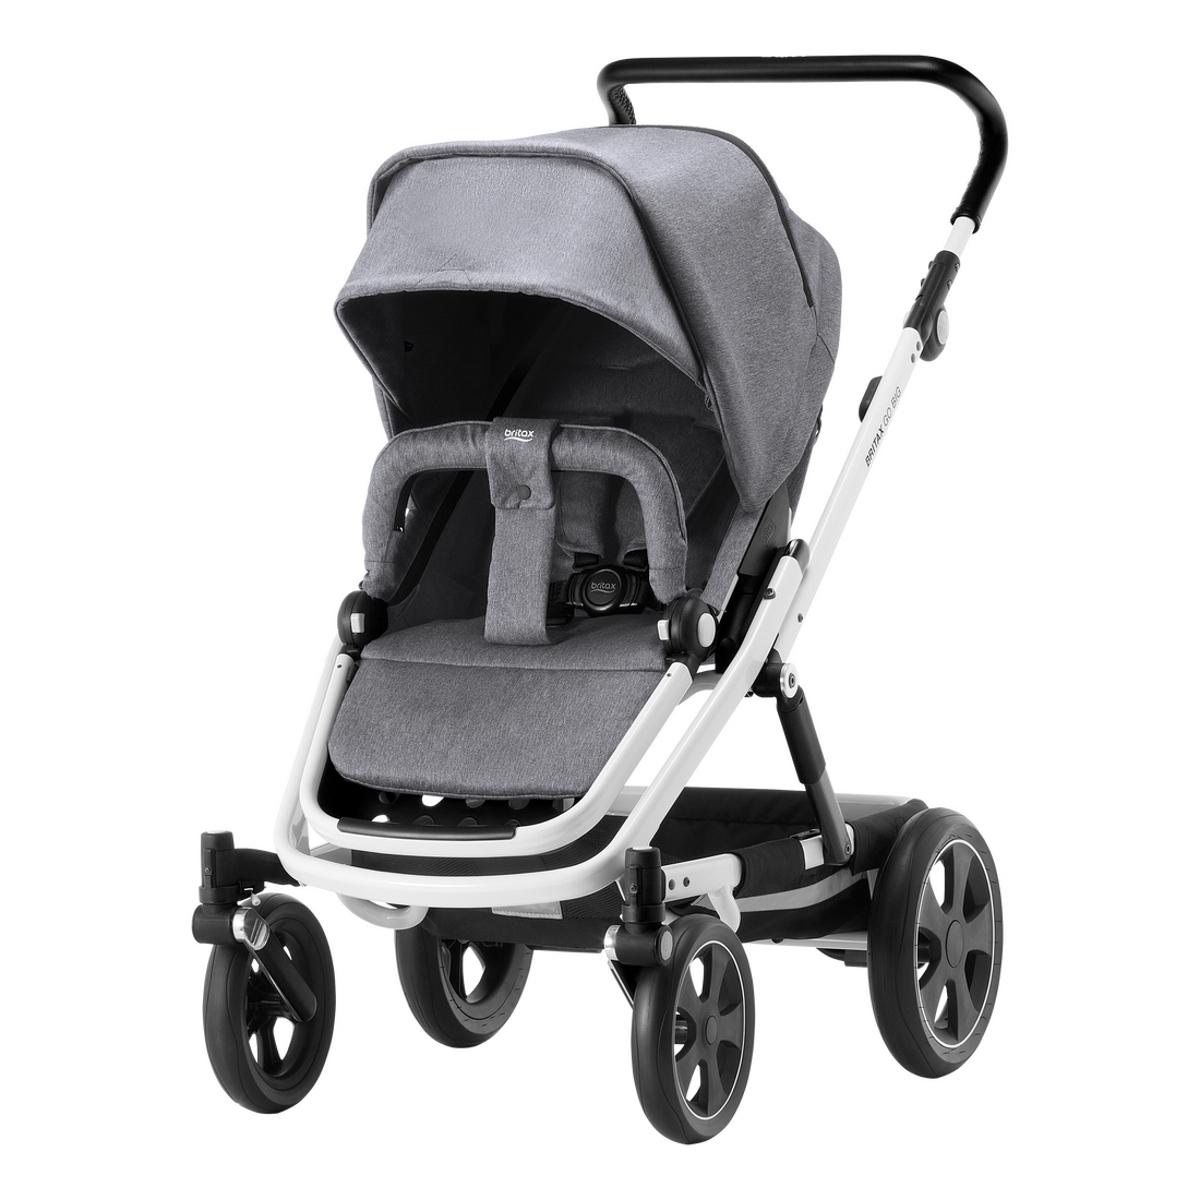 Carro bebé Britax Go Big Baby Stroller